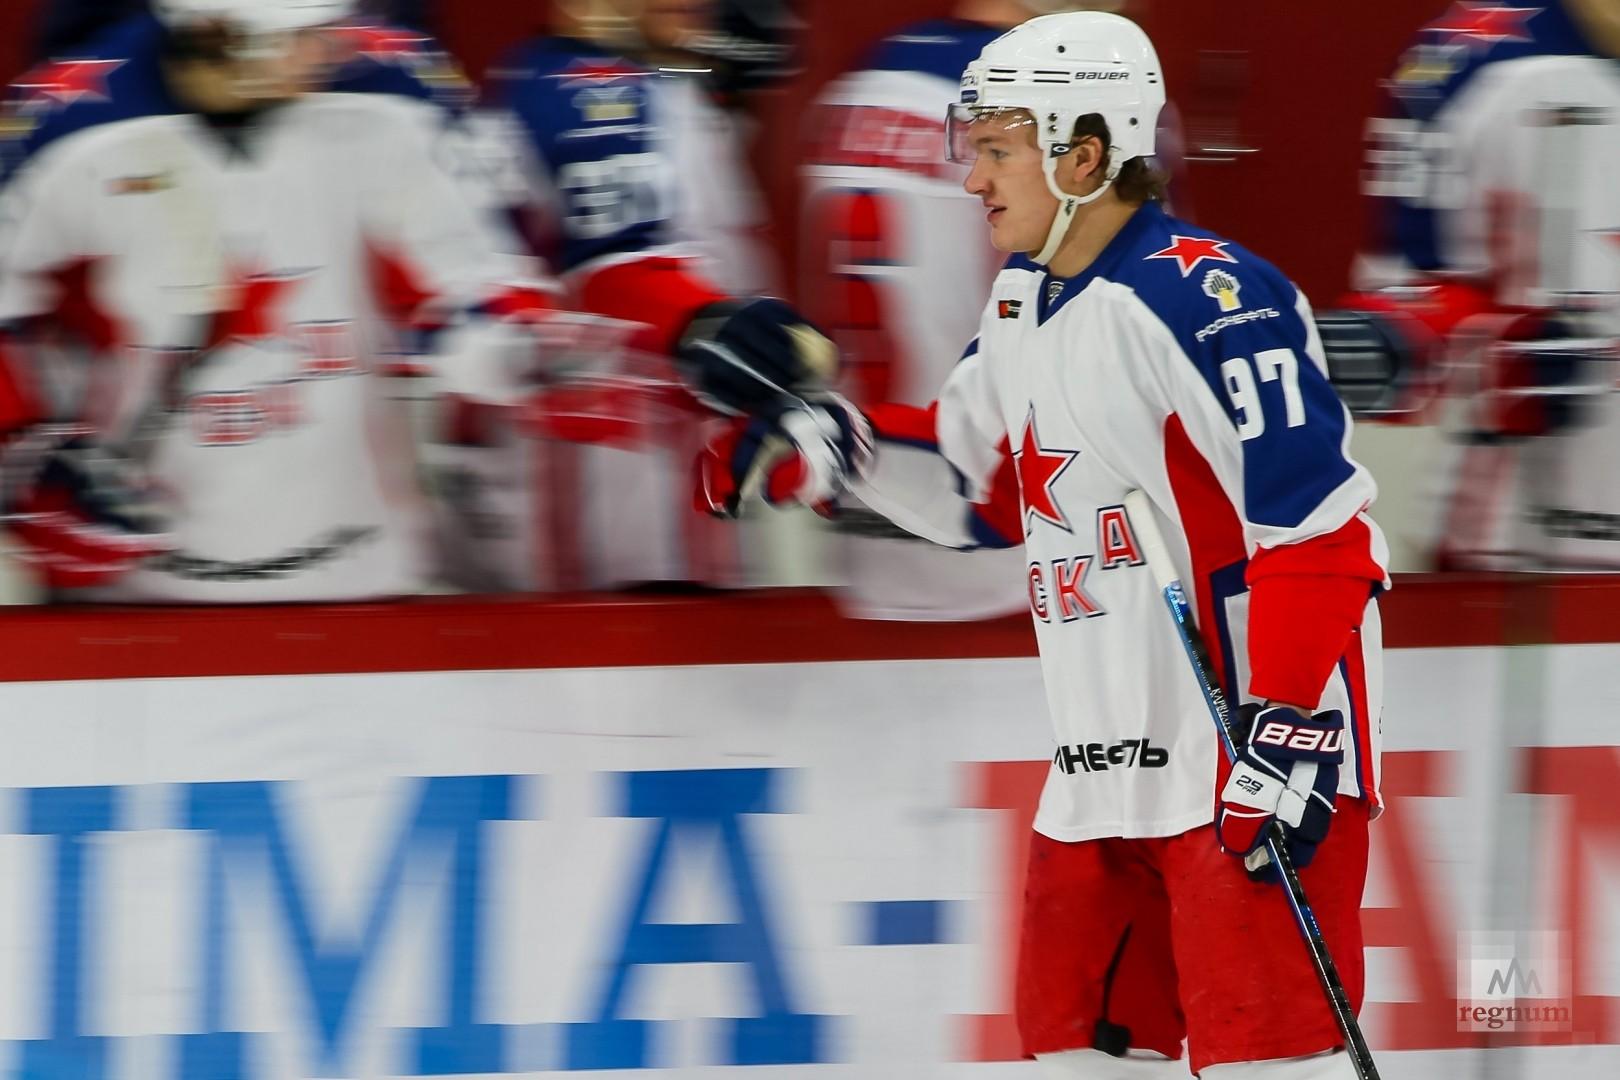 Кирилл Капризов забросивший единственную шайбу в составе москвичей